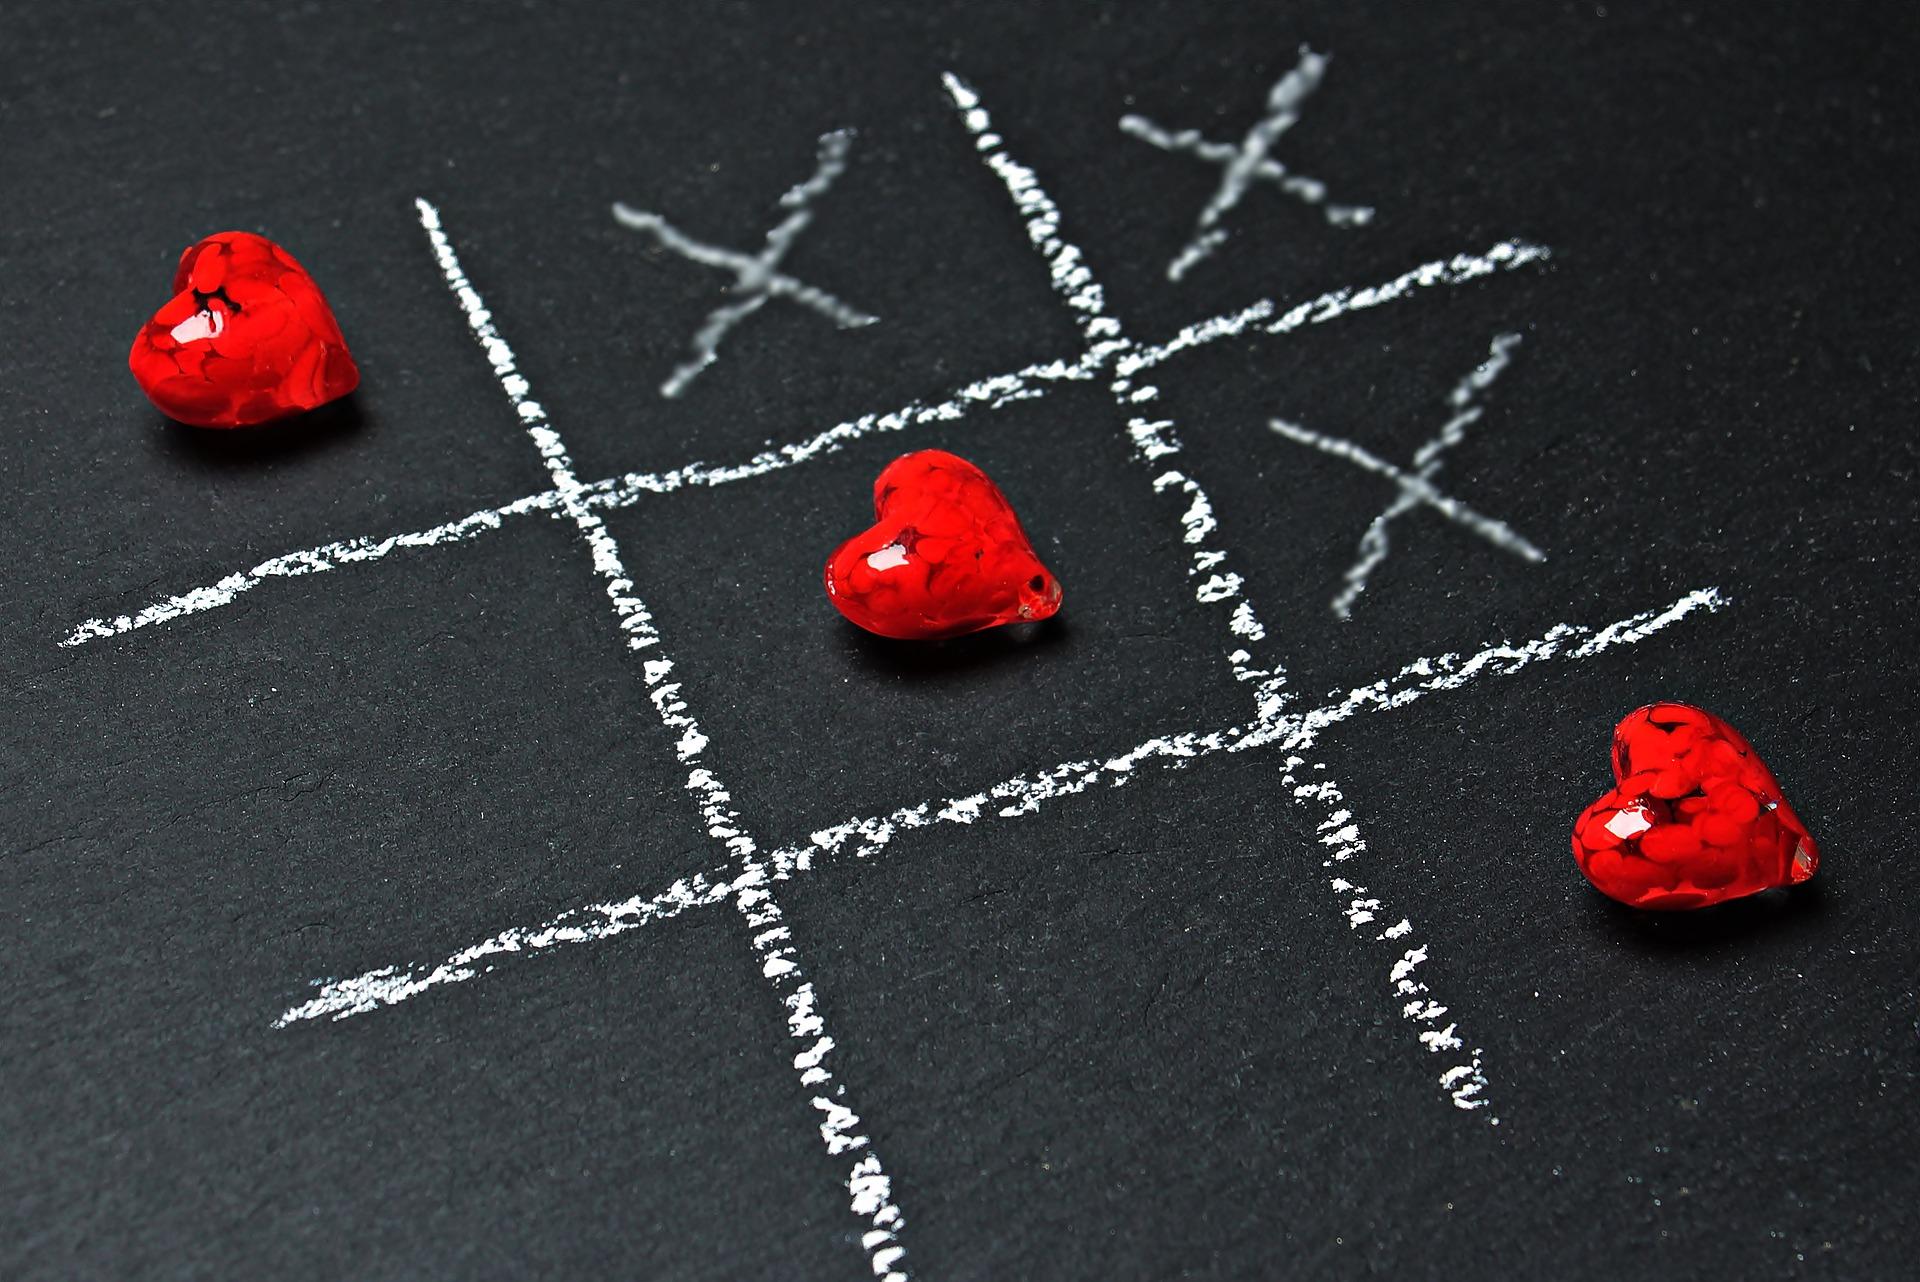 להפוך אהבה לעיסוק